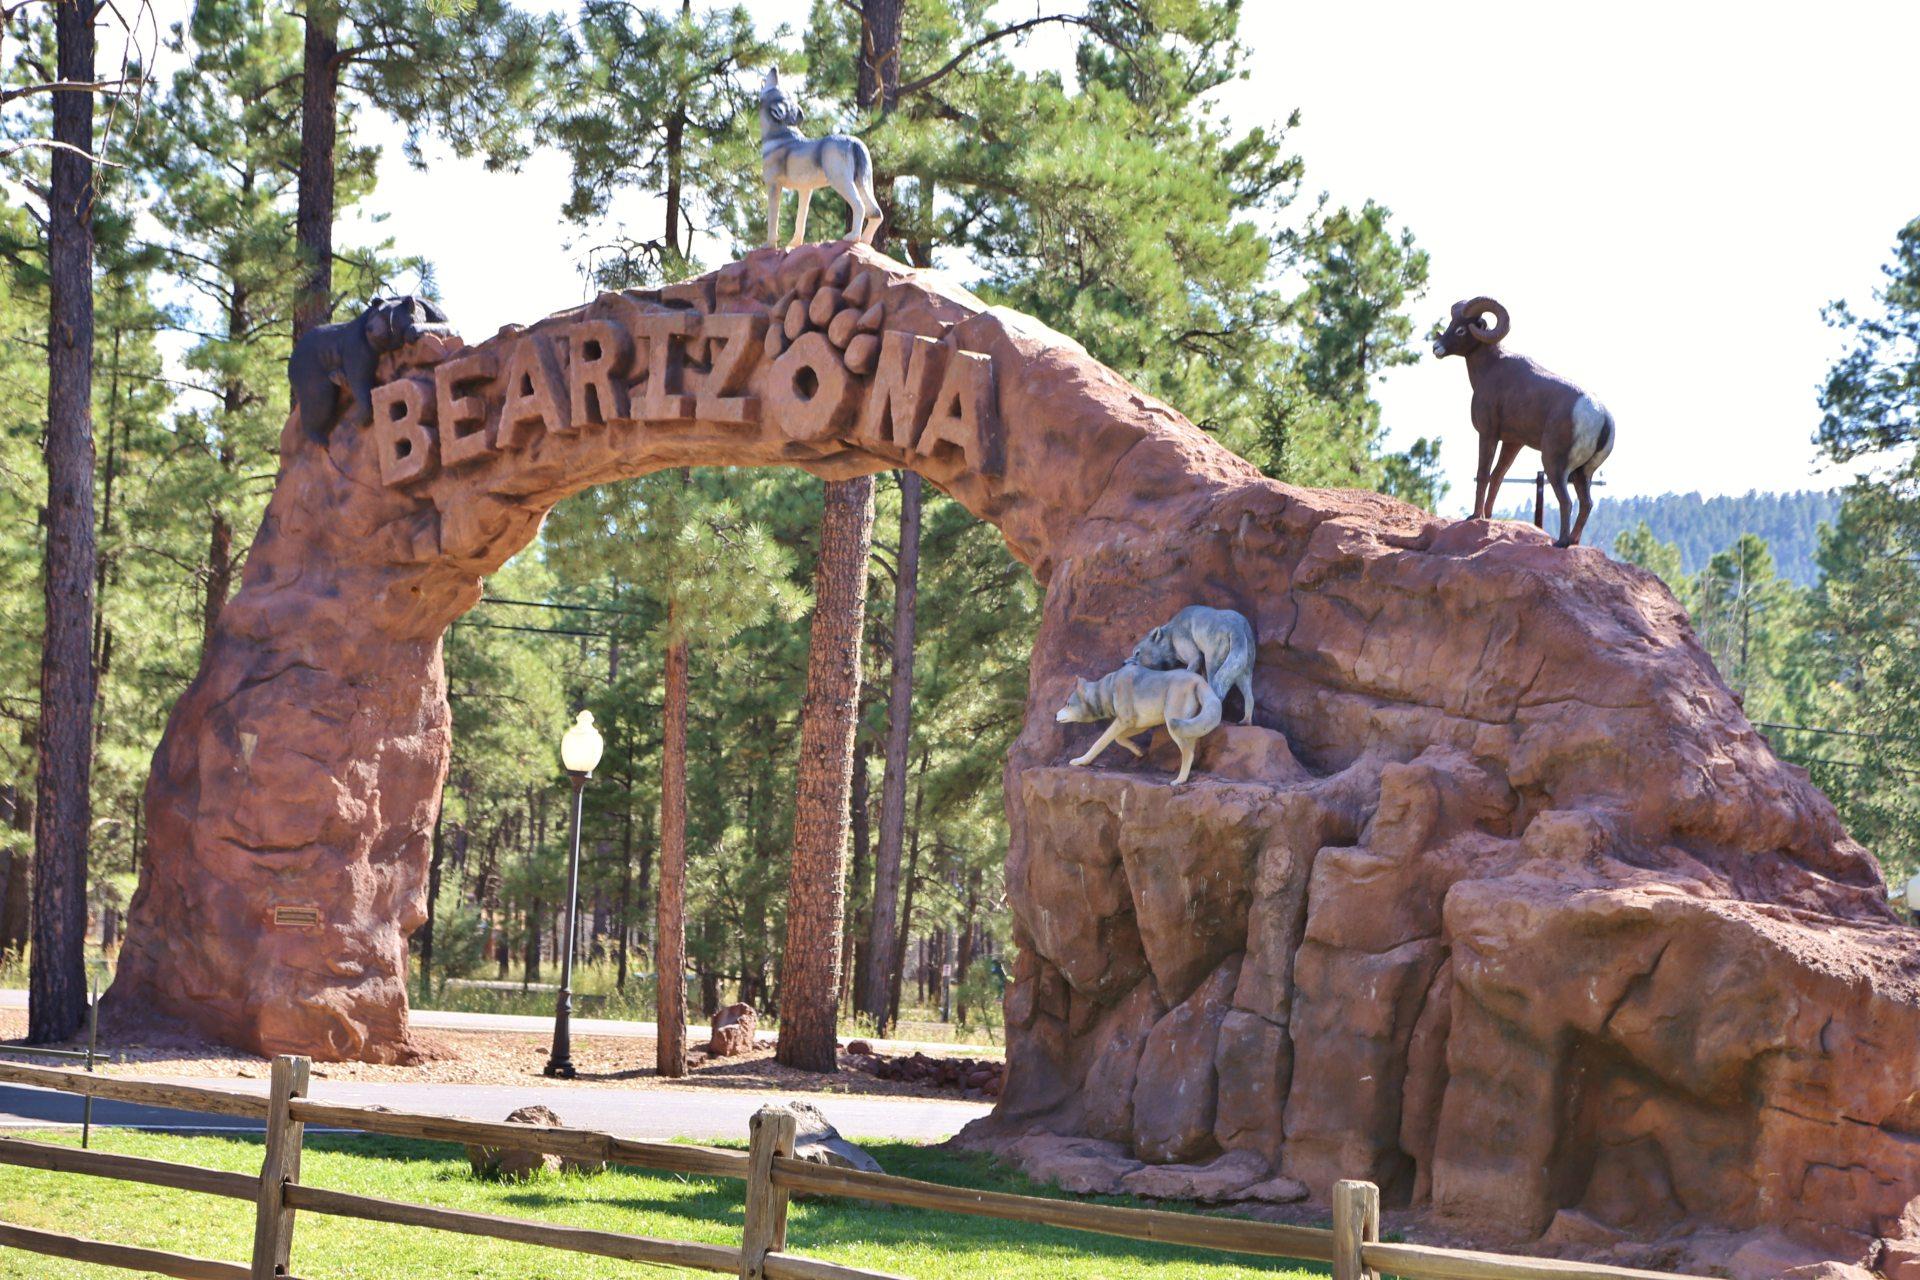 Bearizona Tiererlebnispark - Arch, Arizona, Bäume, Bearizona, Einfahrtsbogen, Einfahrtsschild, Eingang, Himmel, Tiere, Tierpark, Welcome-Schild, Zaun - (Kaibab Mobile Home Park, Williams, Arizona, Vereinigte Staaten)